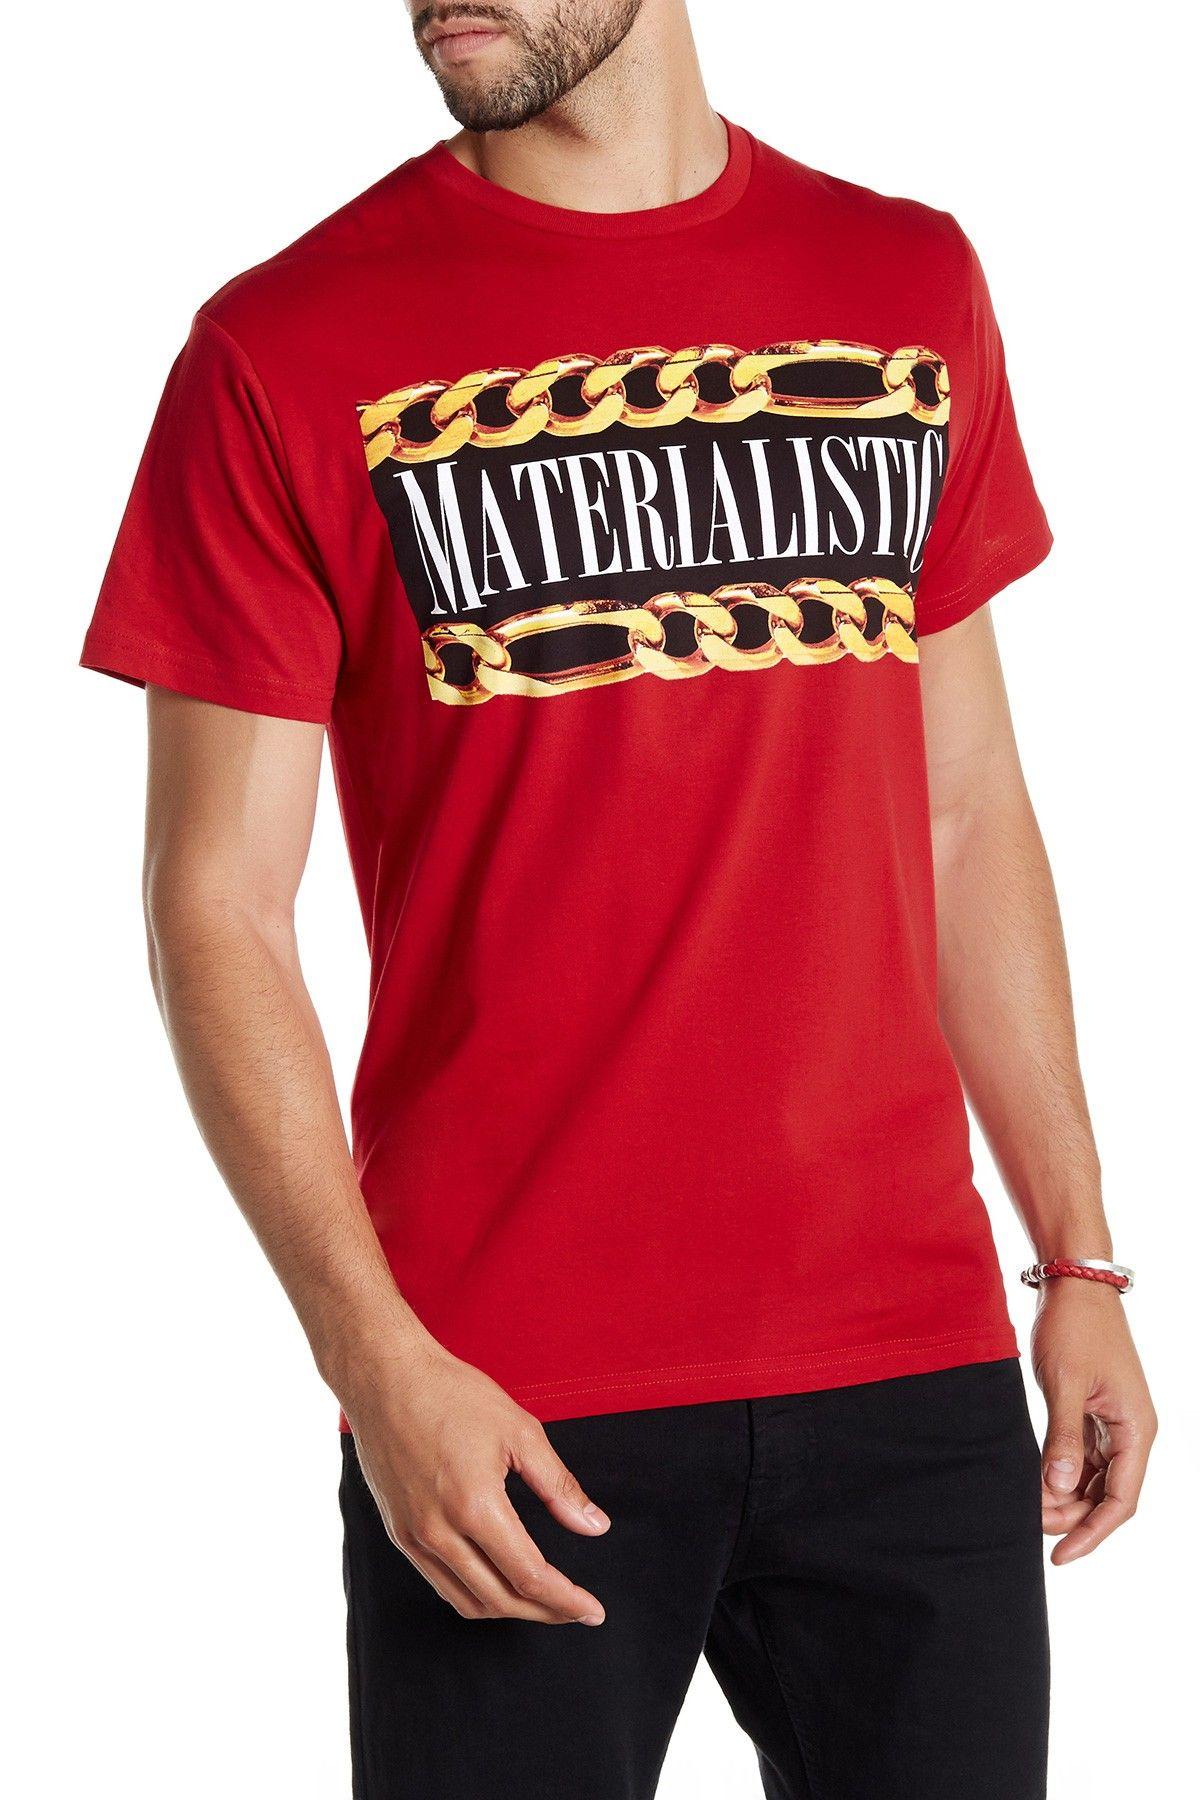 Materialistic Crew Neck Tee